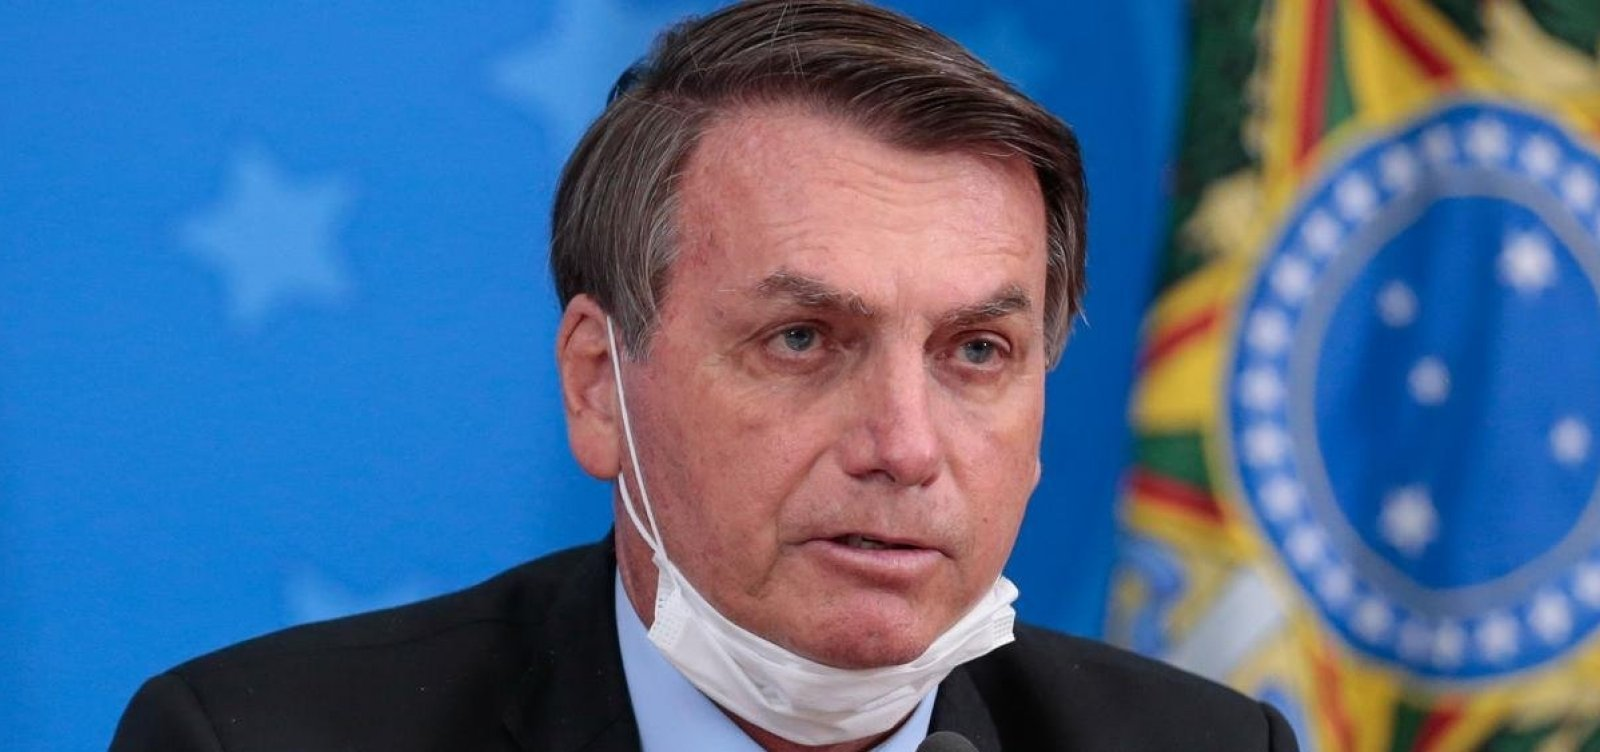 [Presidente Jair Bolsonaro está com sintomas de Covid-19, diz CNN]